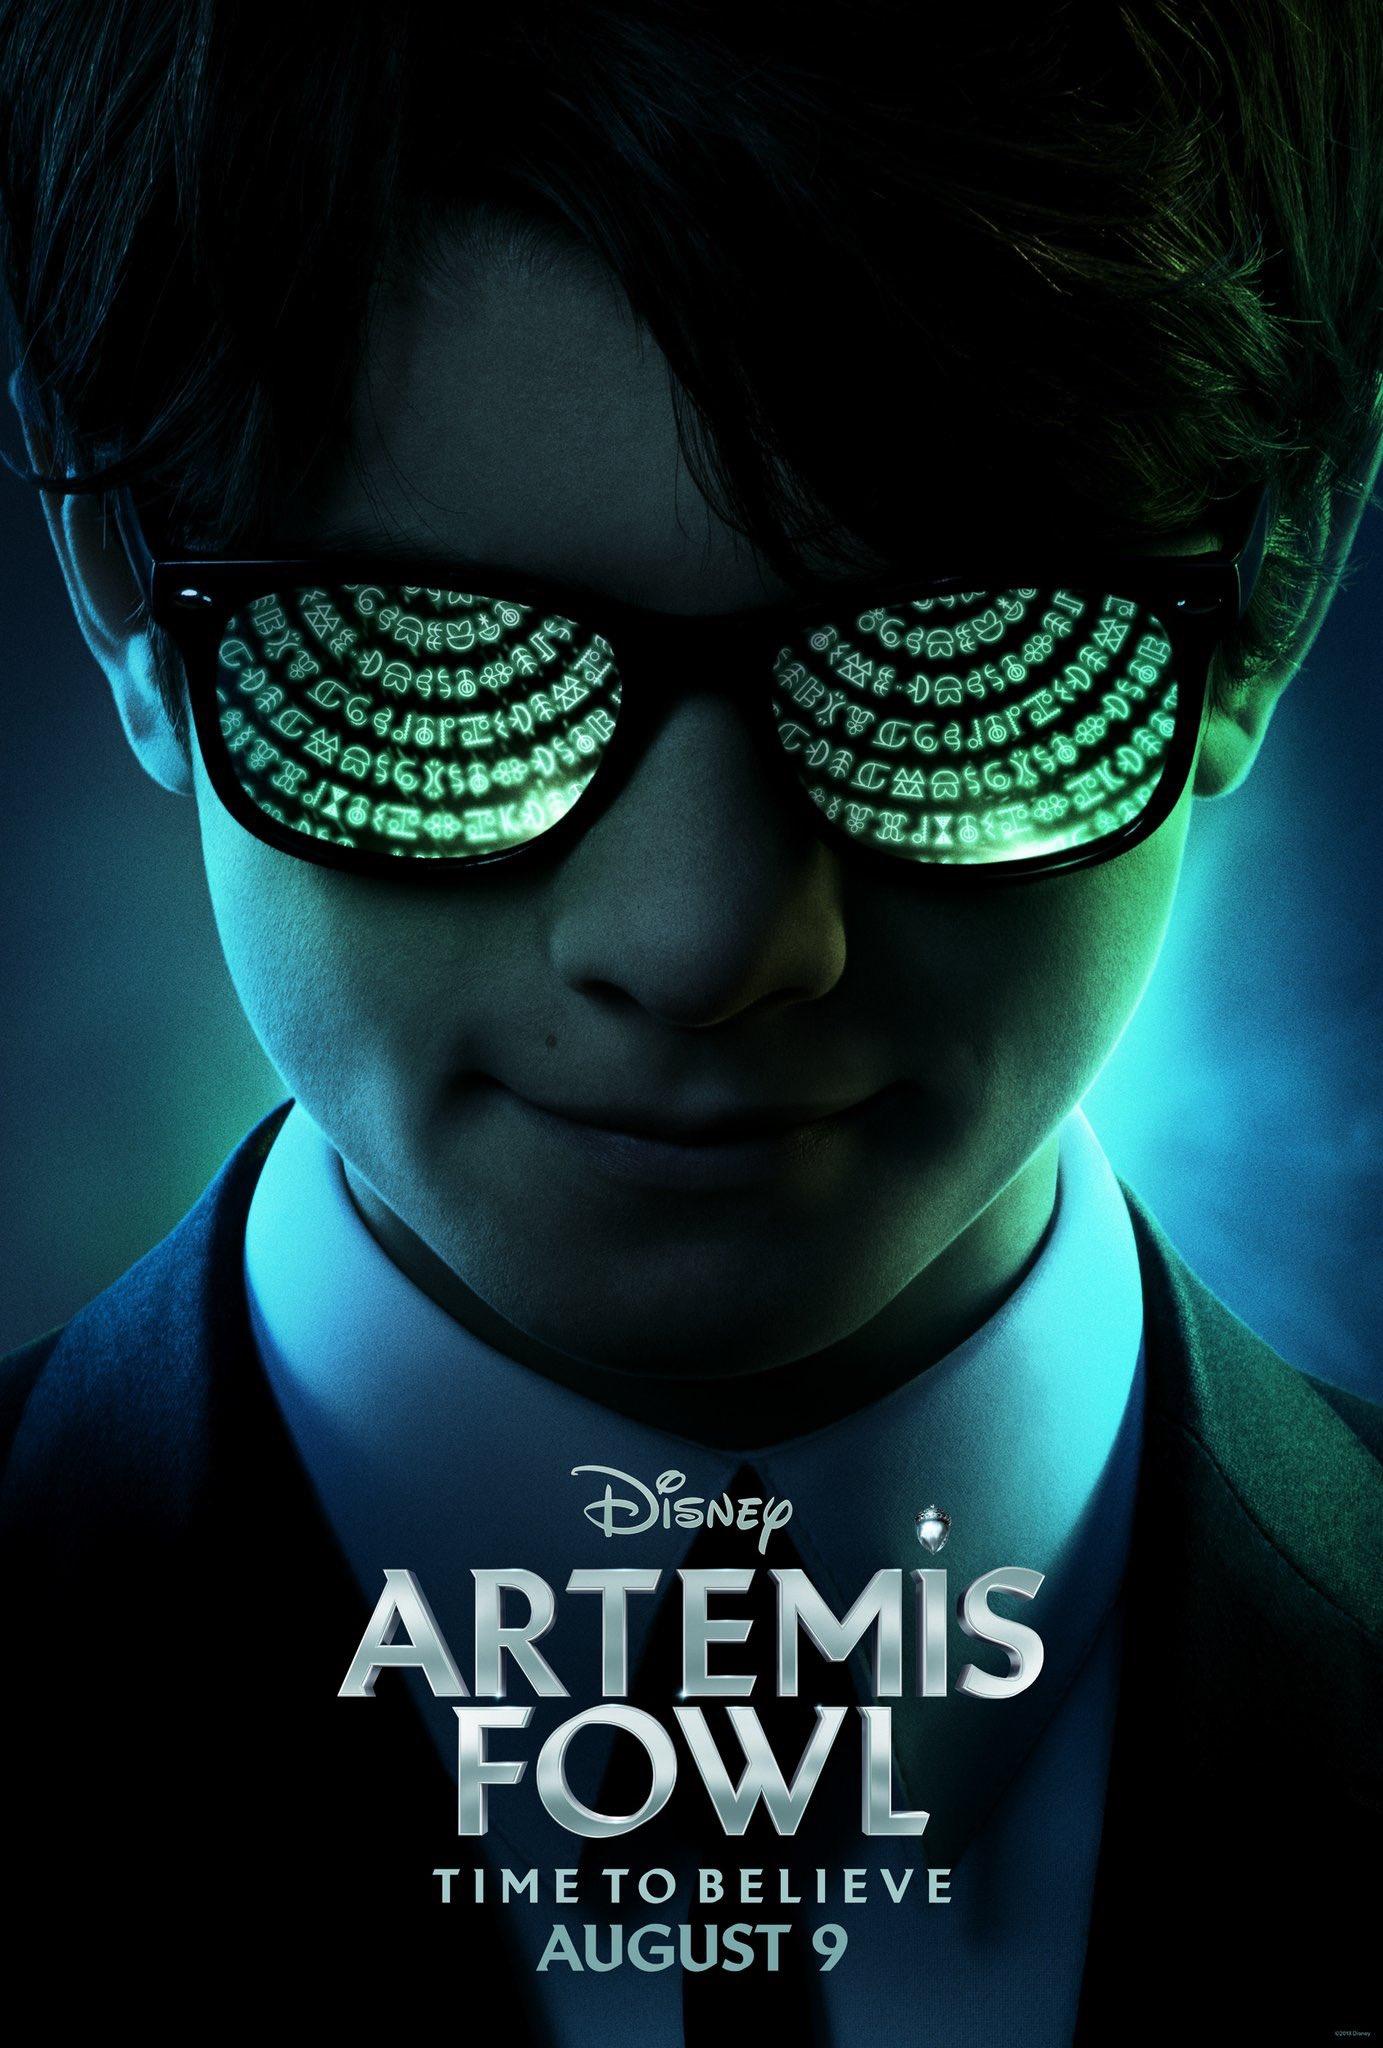 Artemis Fowl Ds_xKFHWsAEMeK6